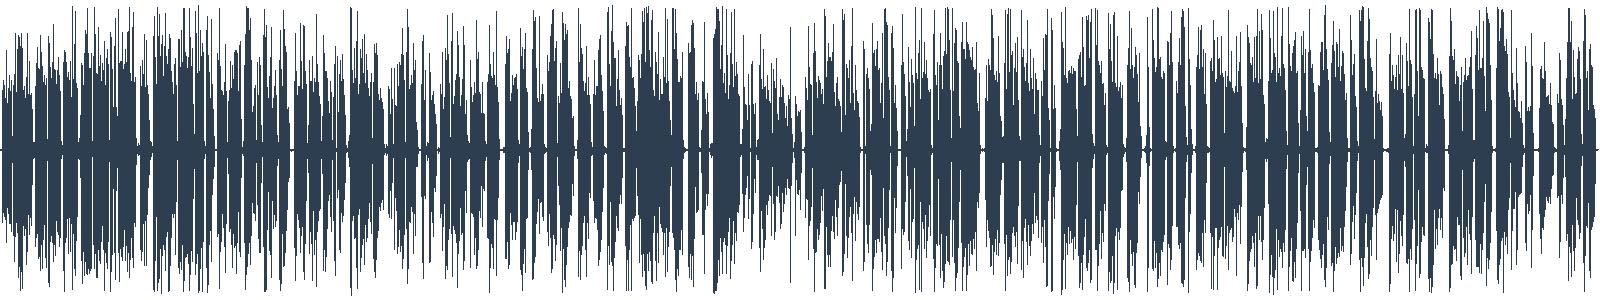 Žubrienky inštalatérky waveform